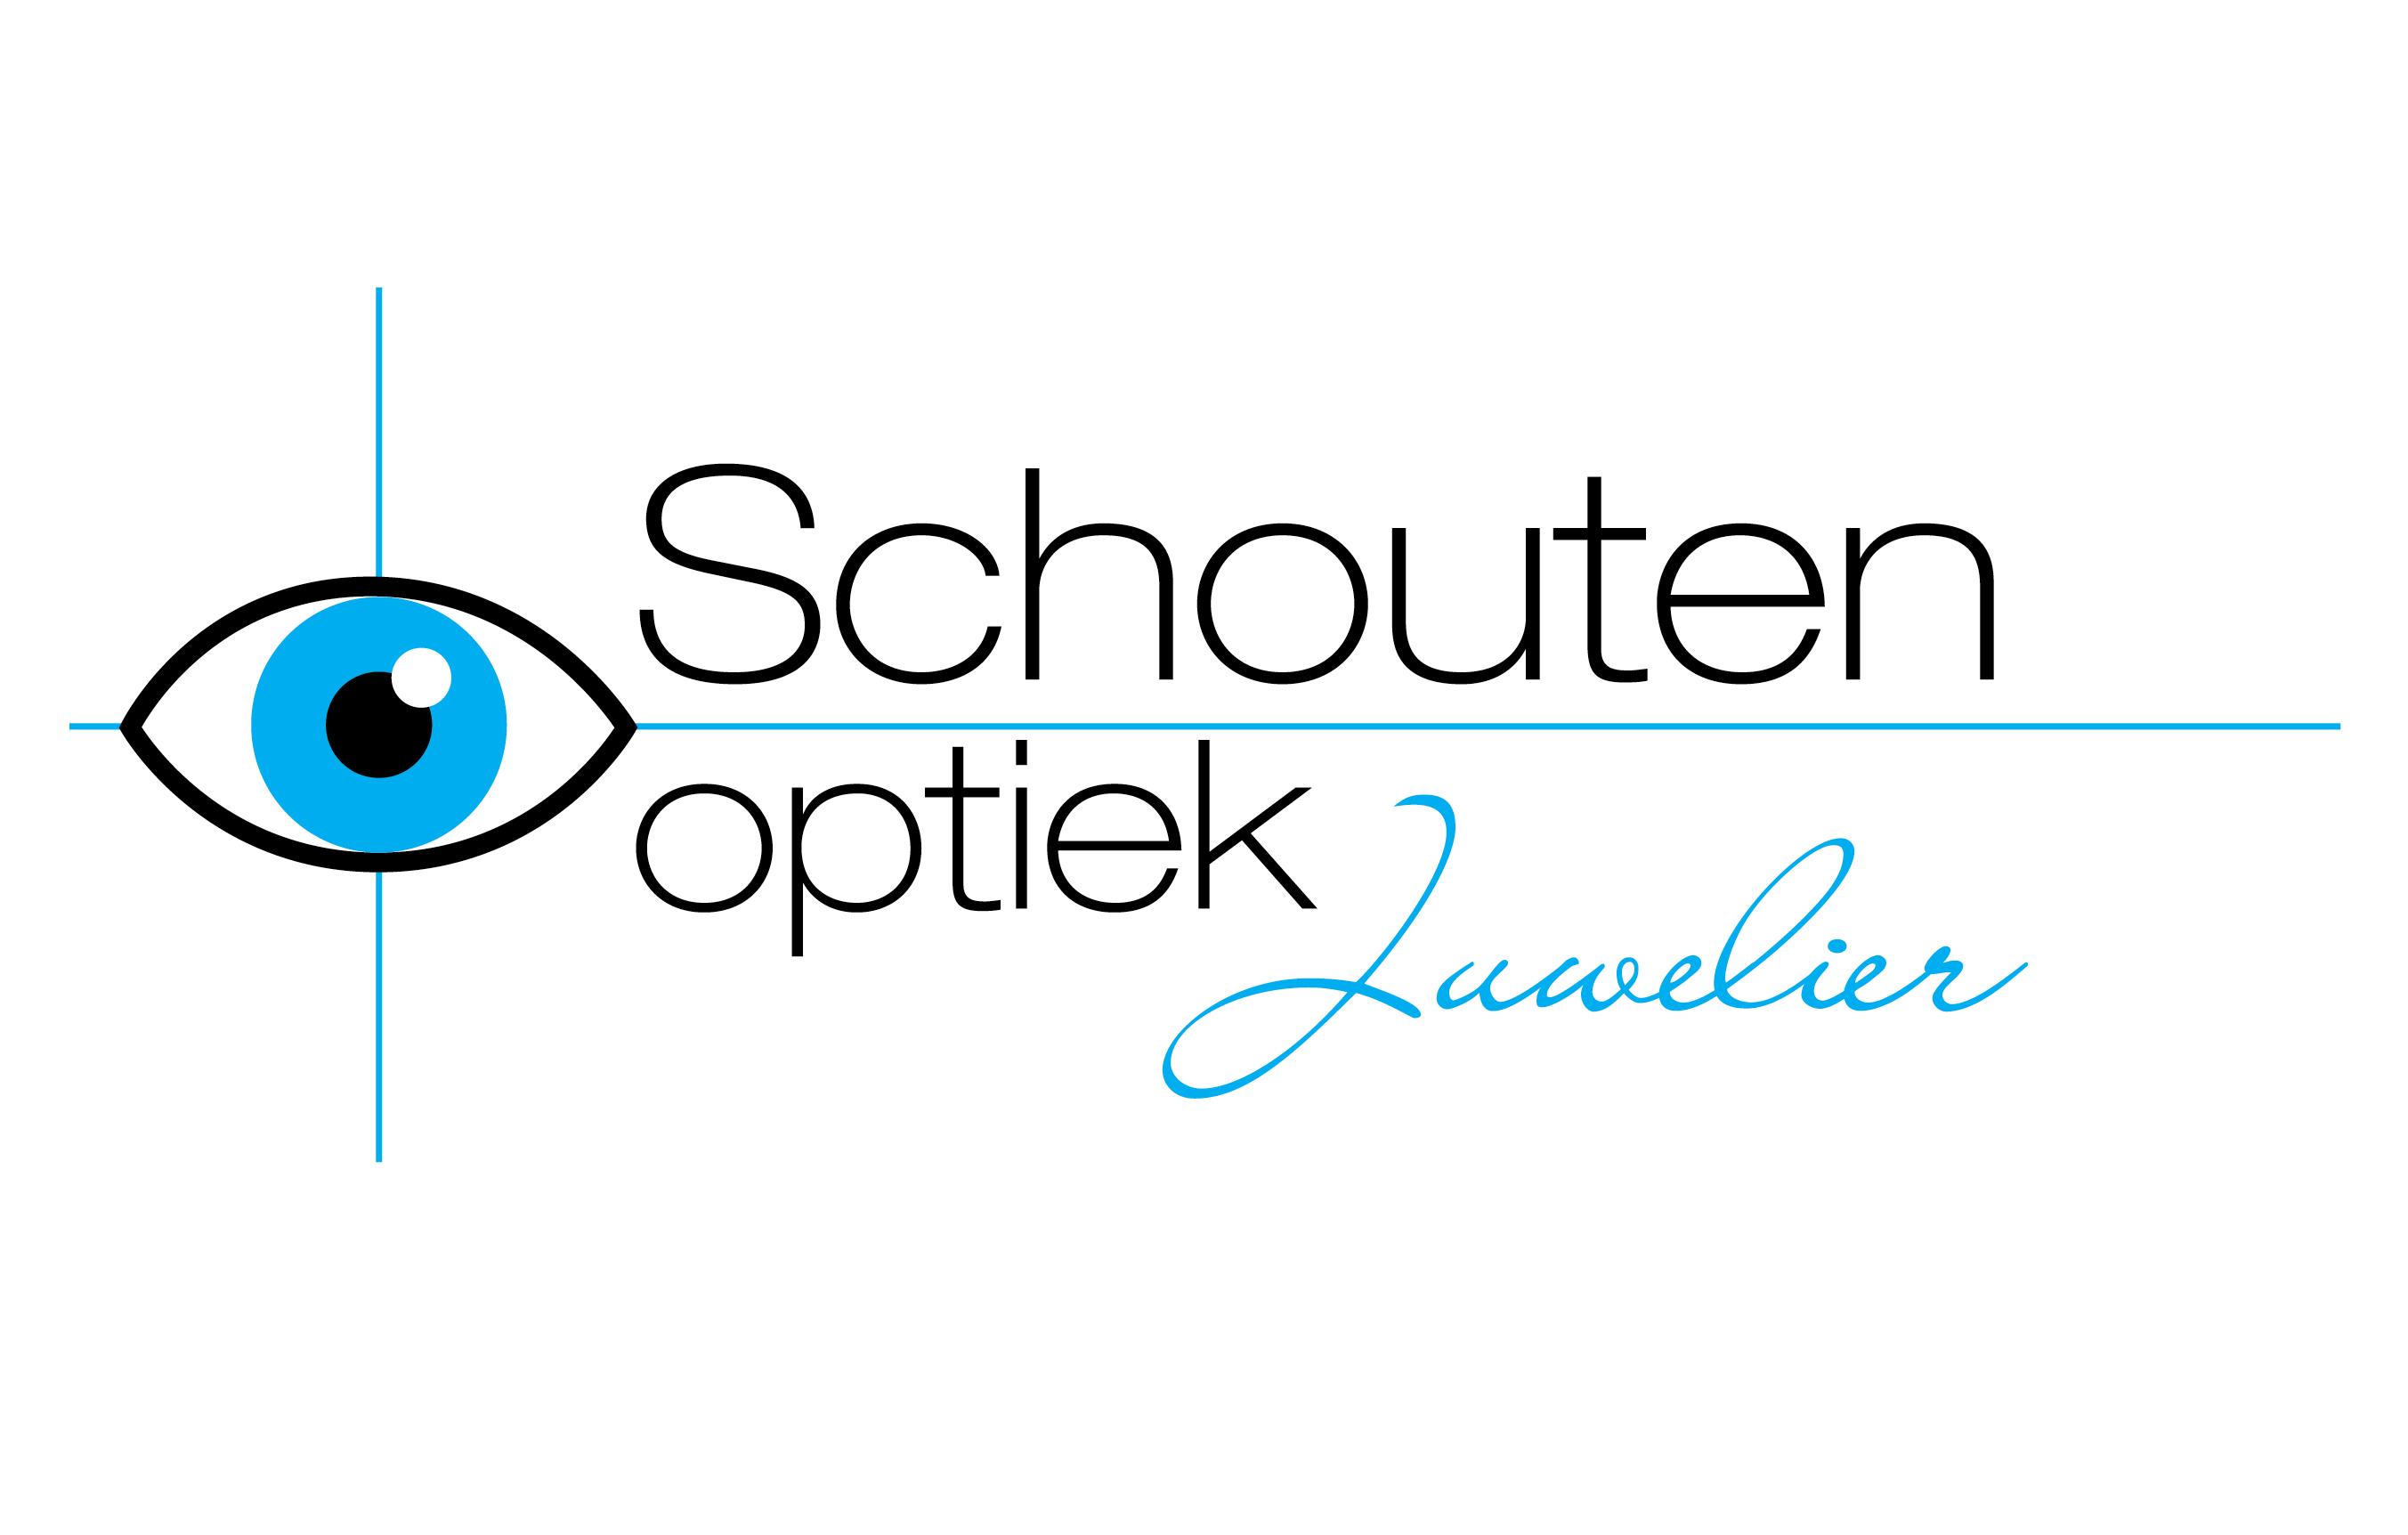 Schouten optiek logo